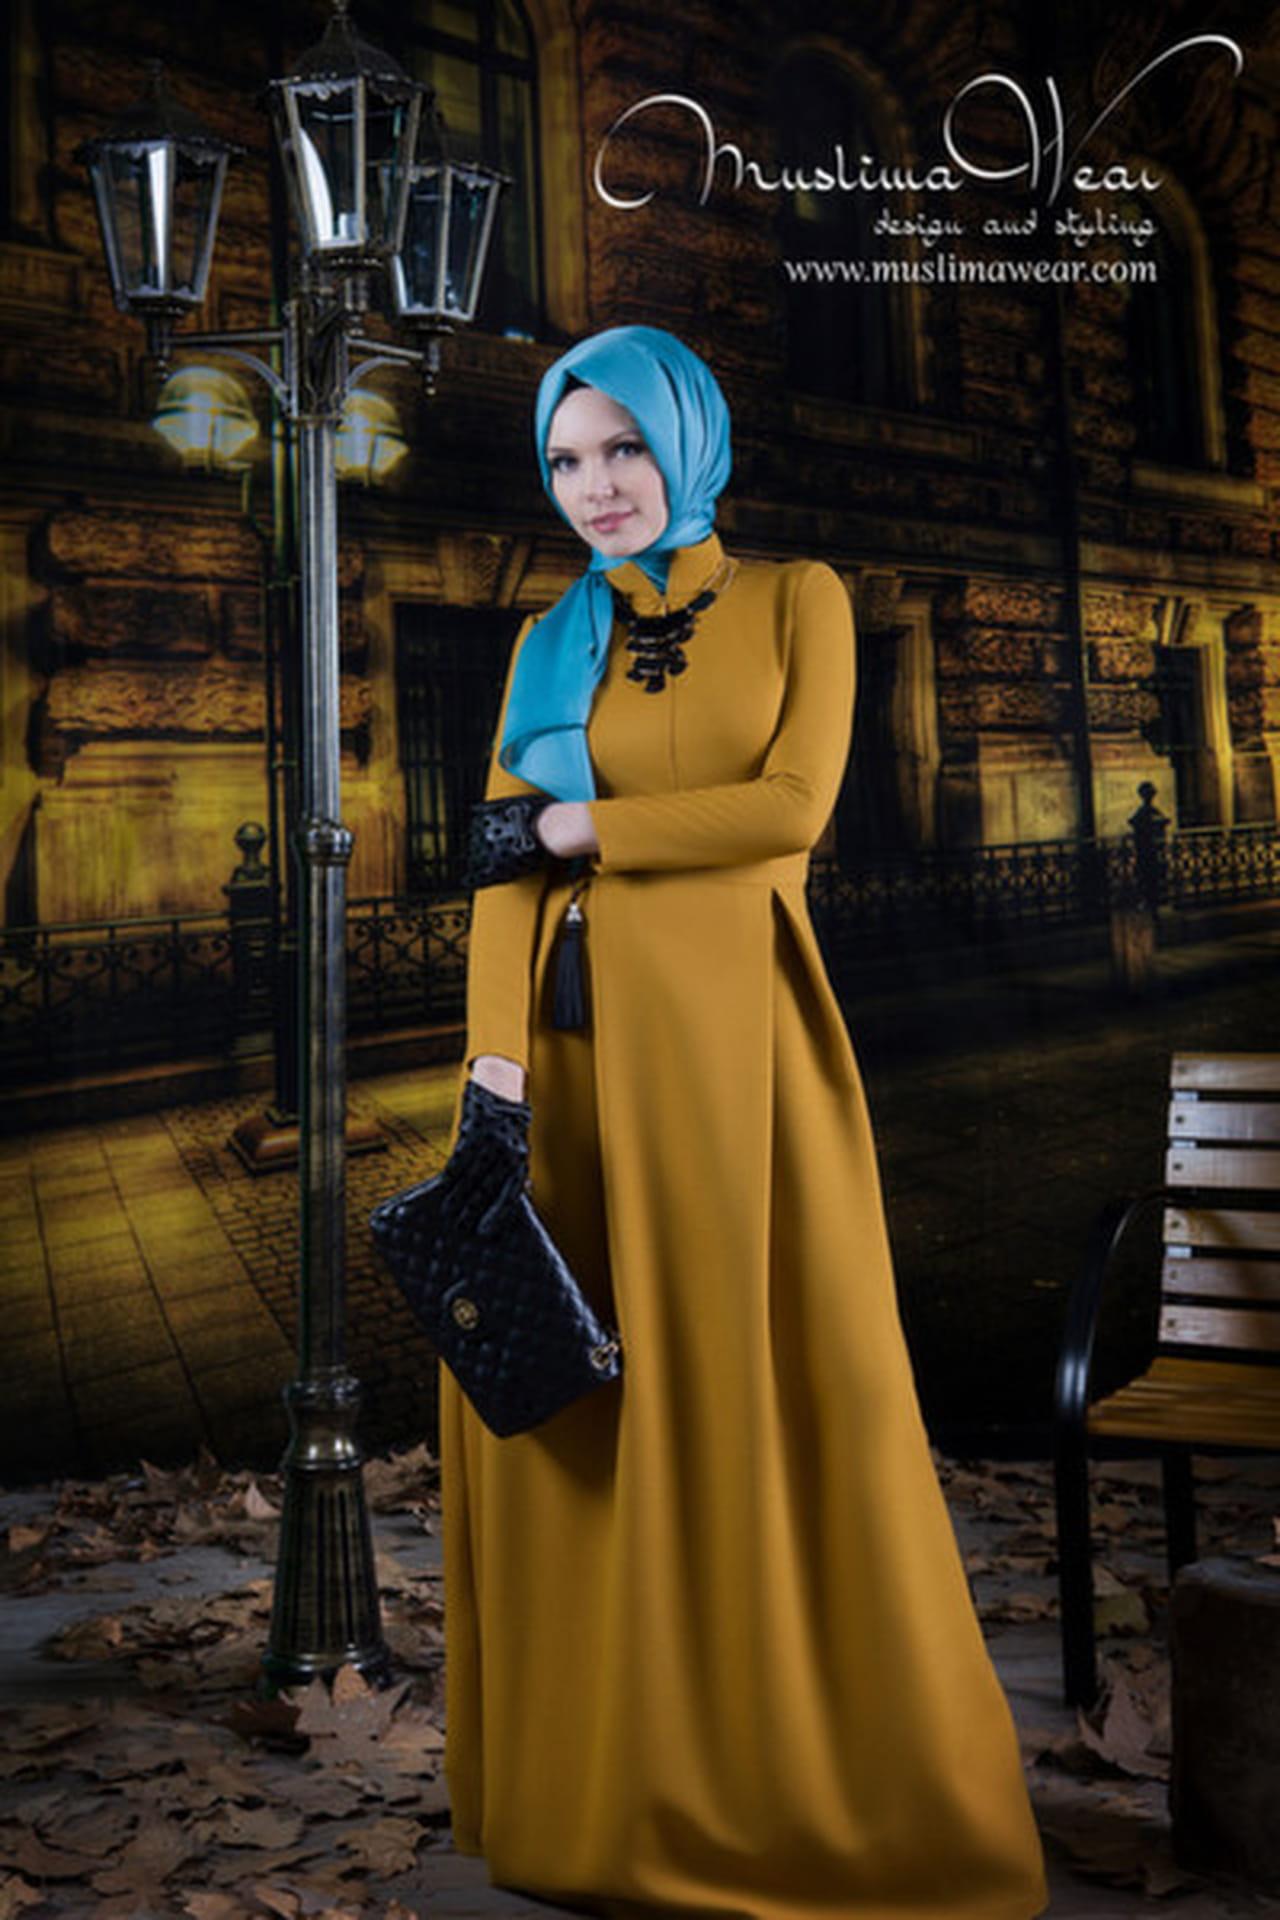 أفضل 10 إطلالات من أزياء Muslima Wear التركية  814323